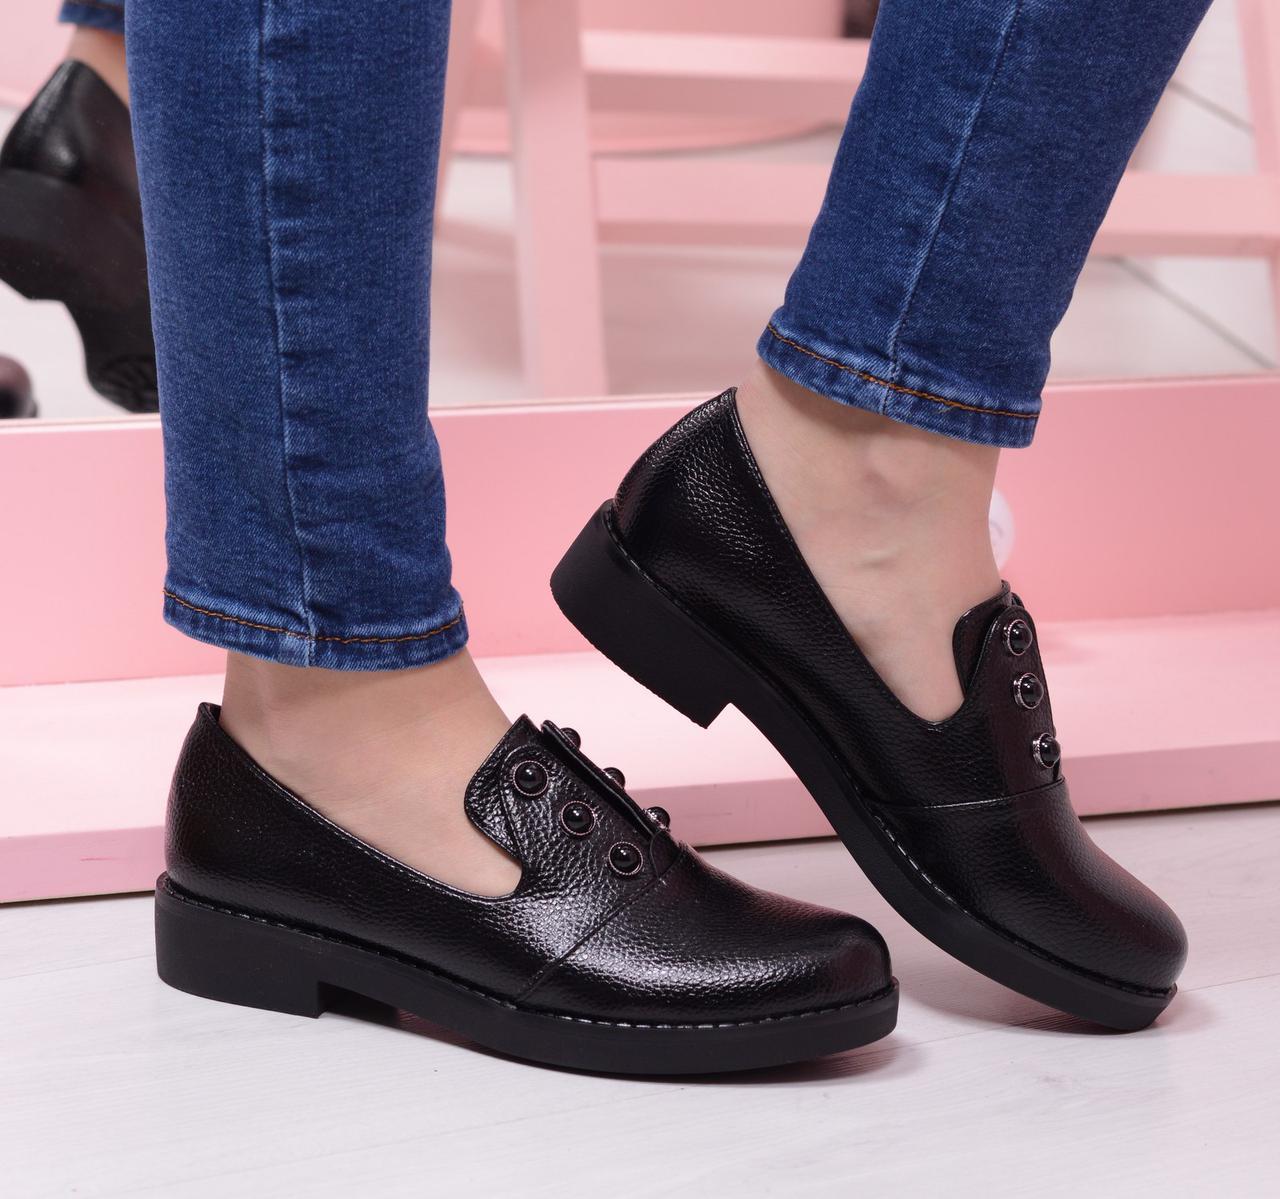 Модная женская обувь весна-лето 2019 года новые фото